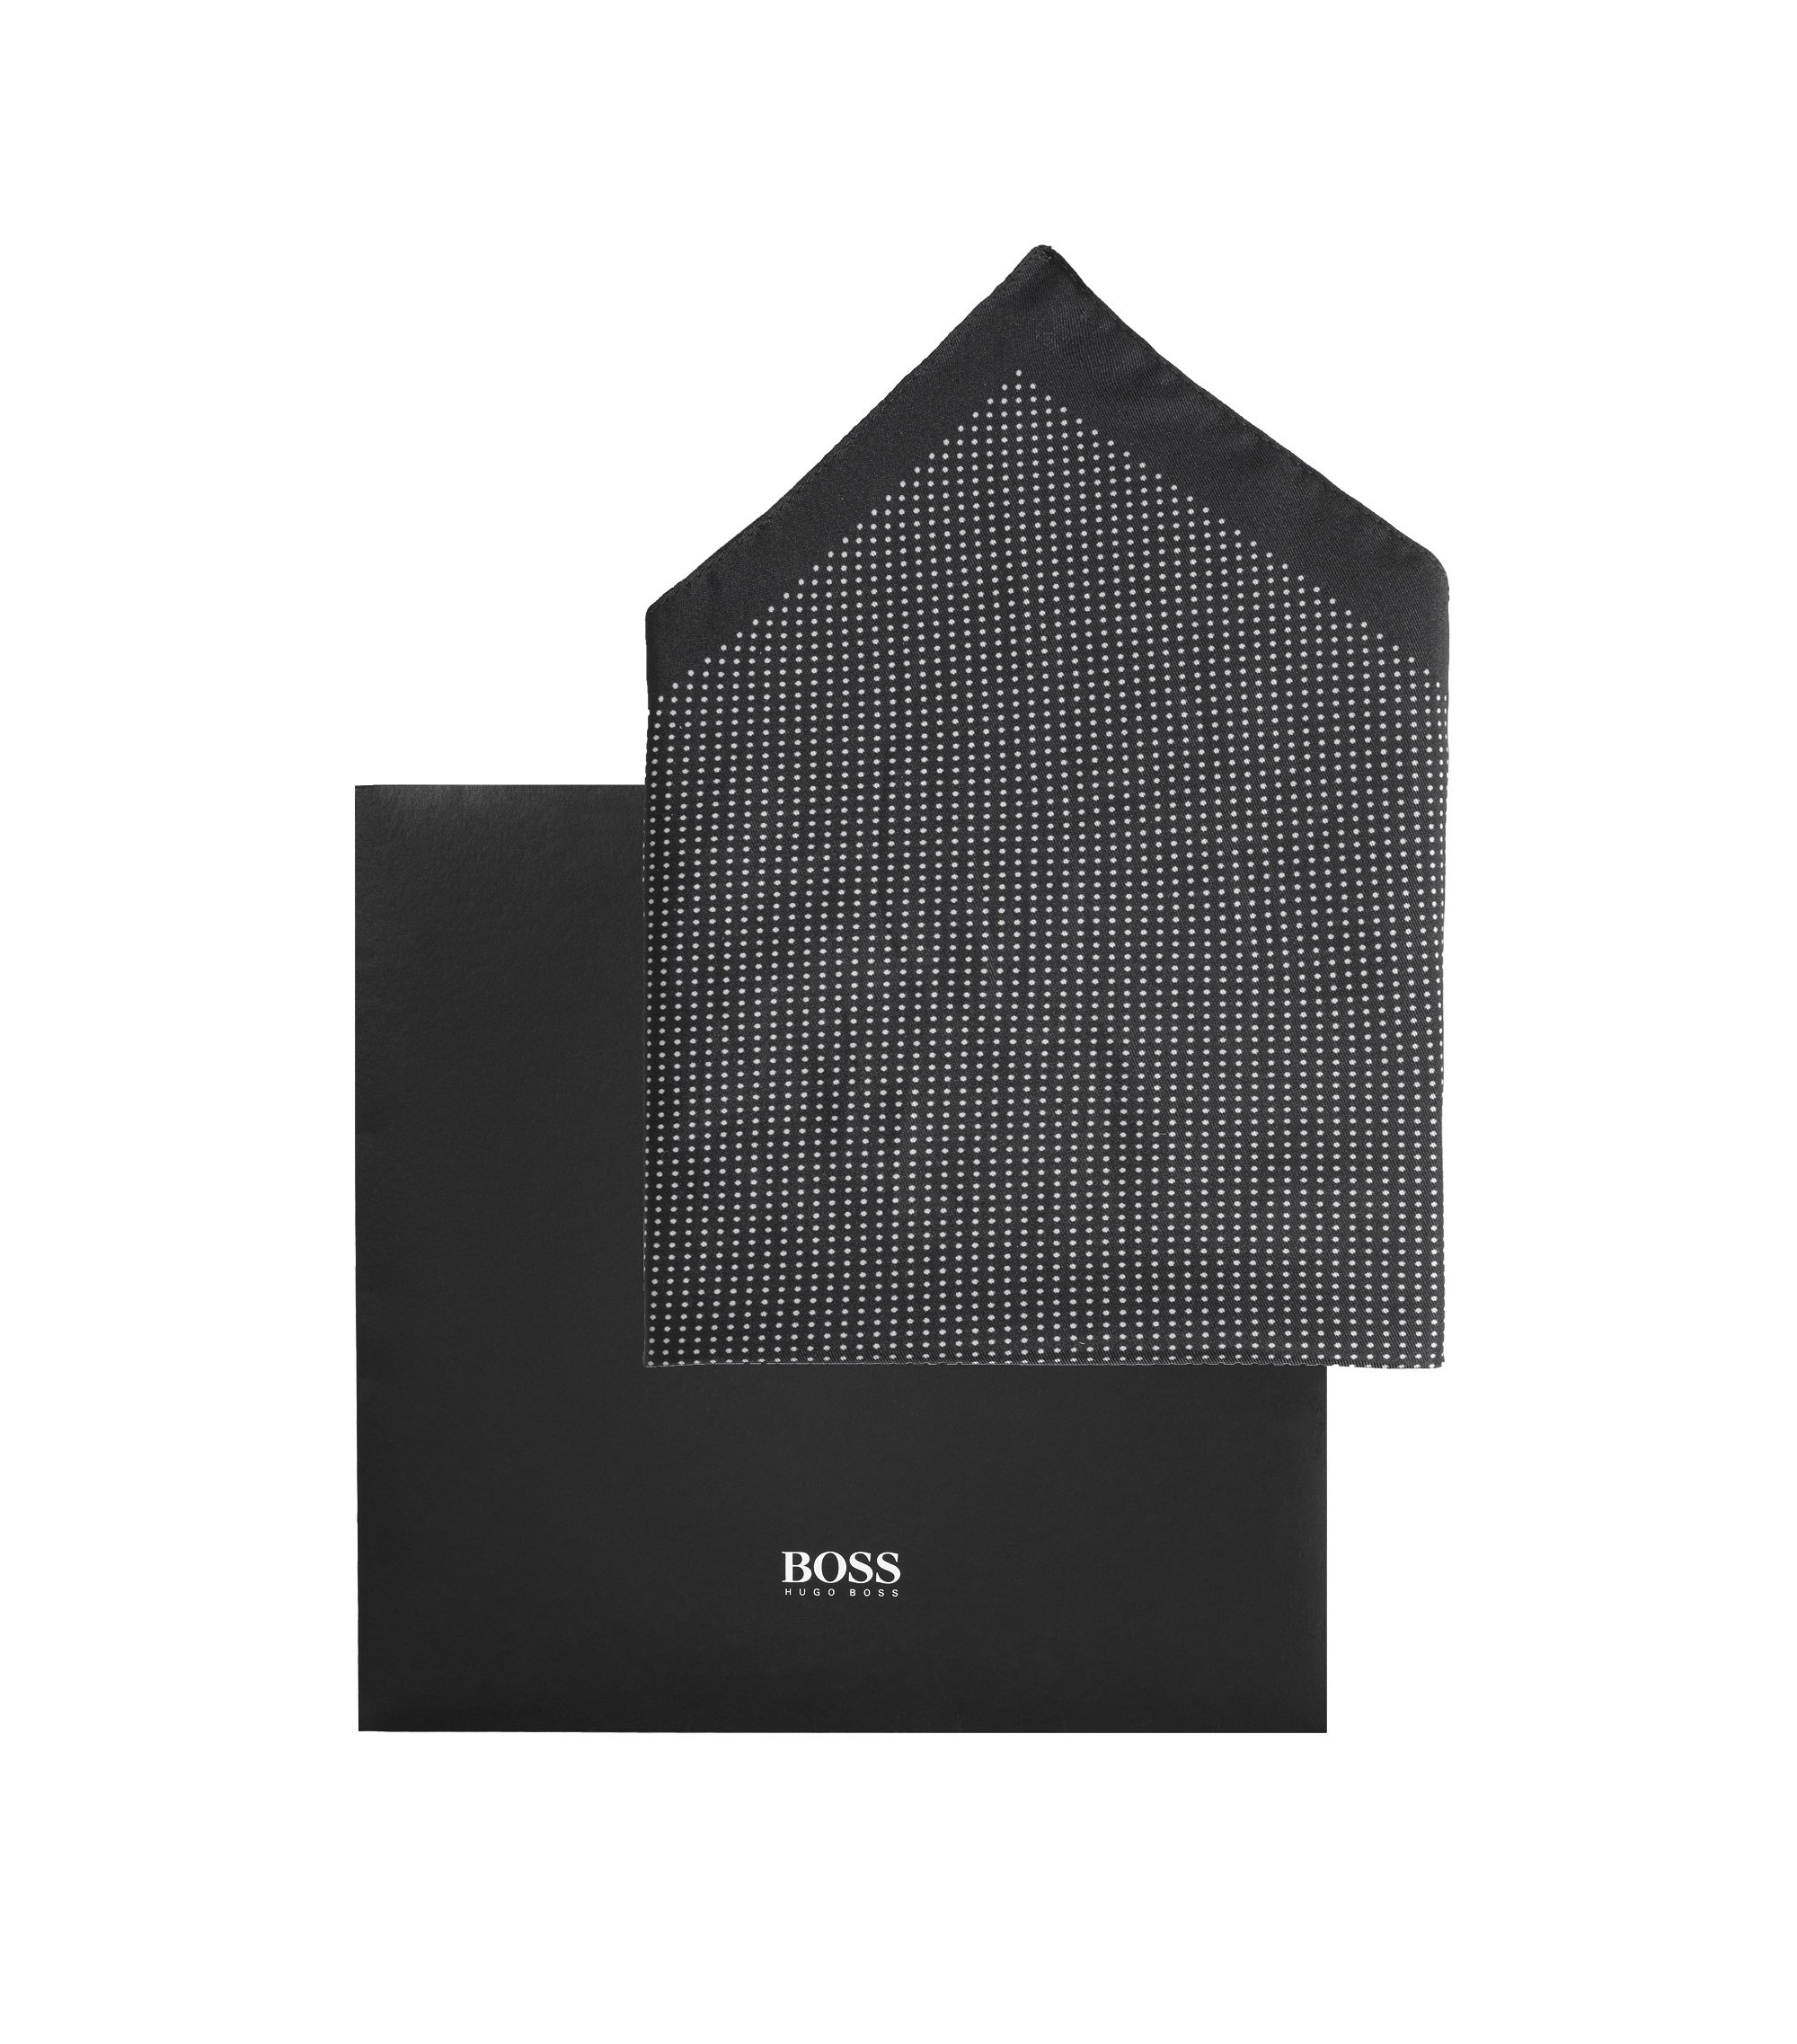 Pochette en soie, Pocket square 33x33, Noir